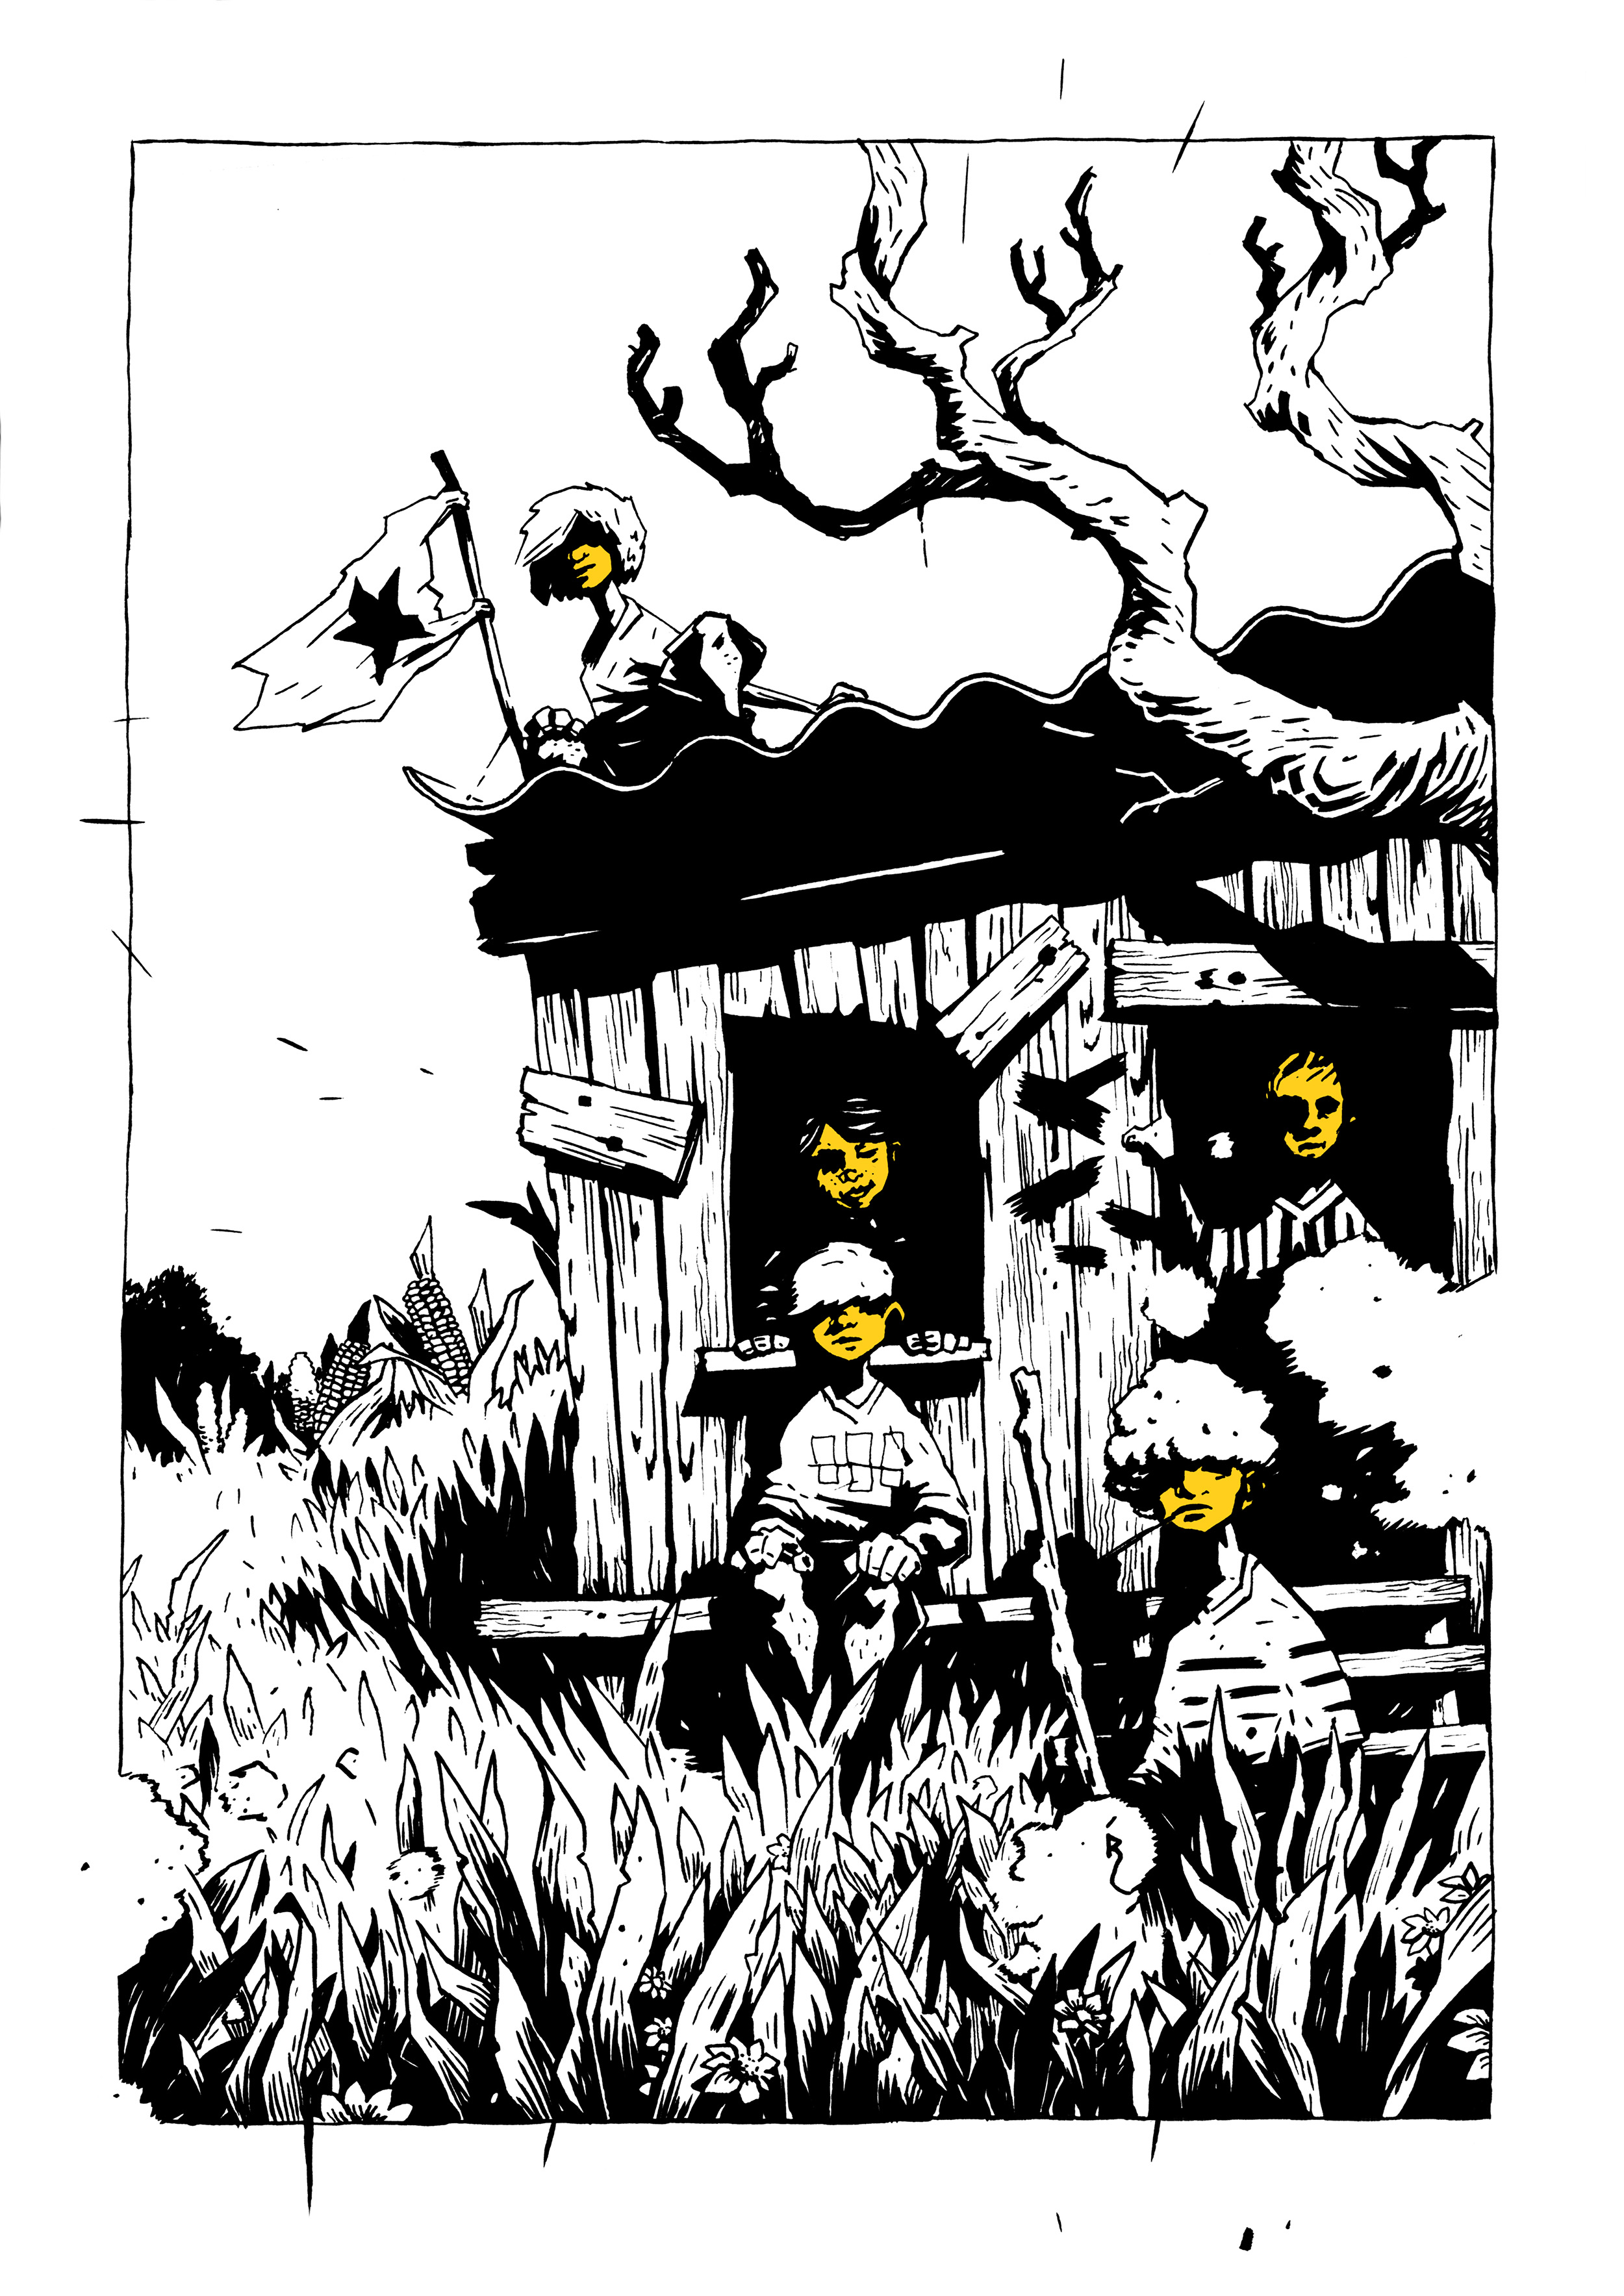 Print: Sterrekinderen